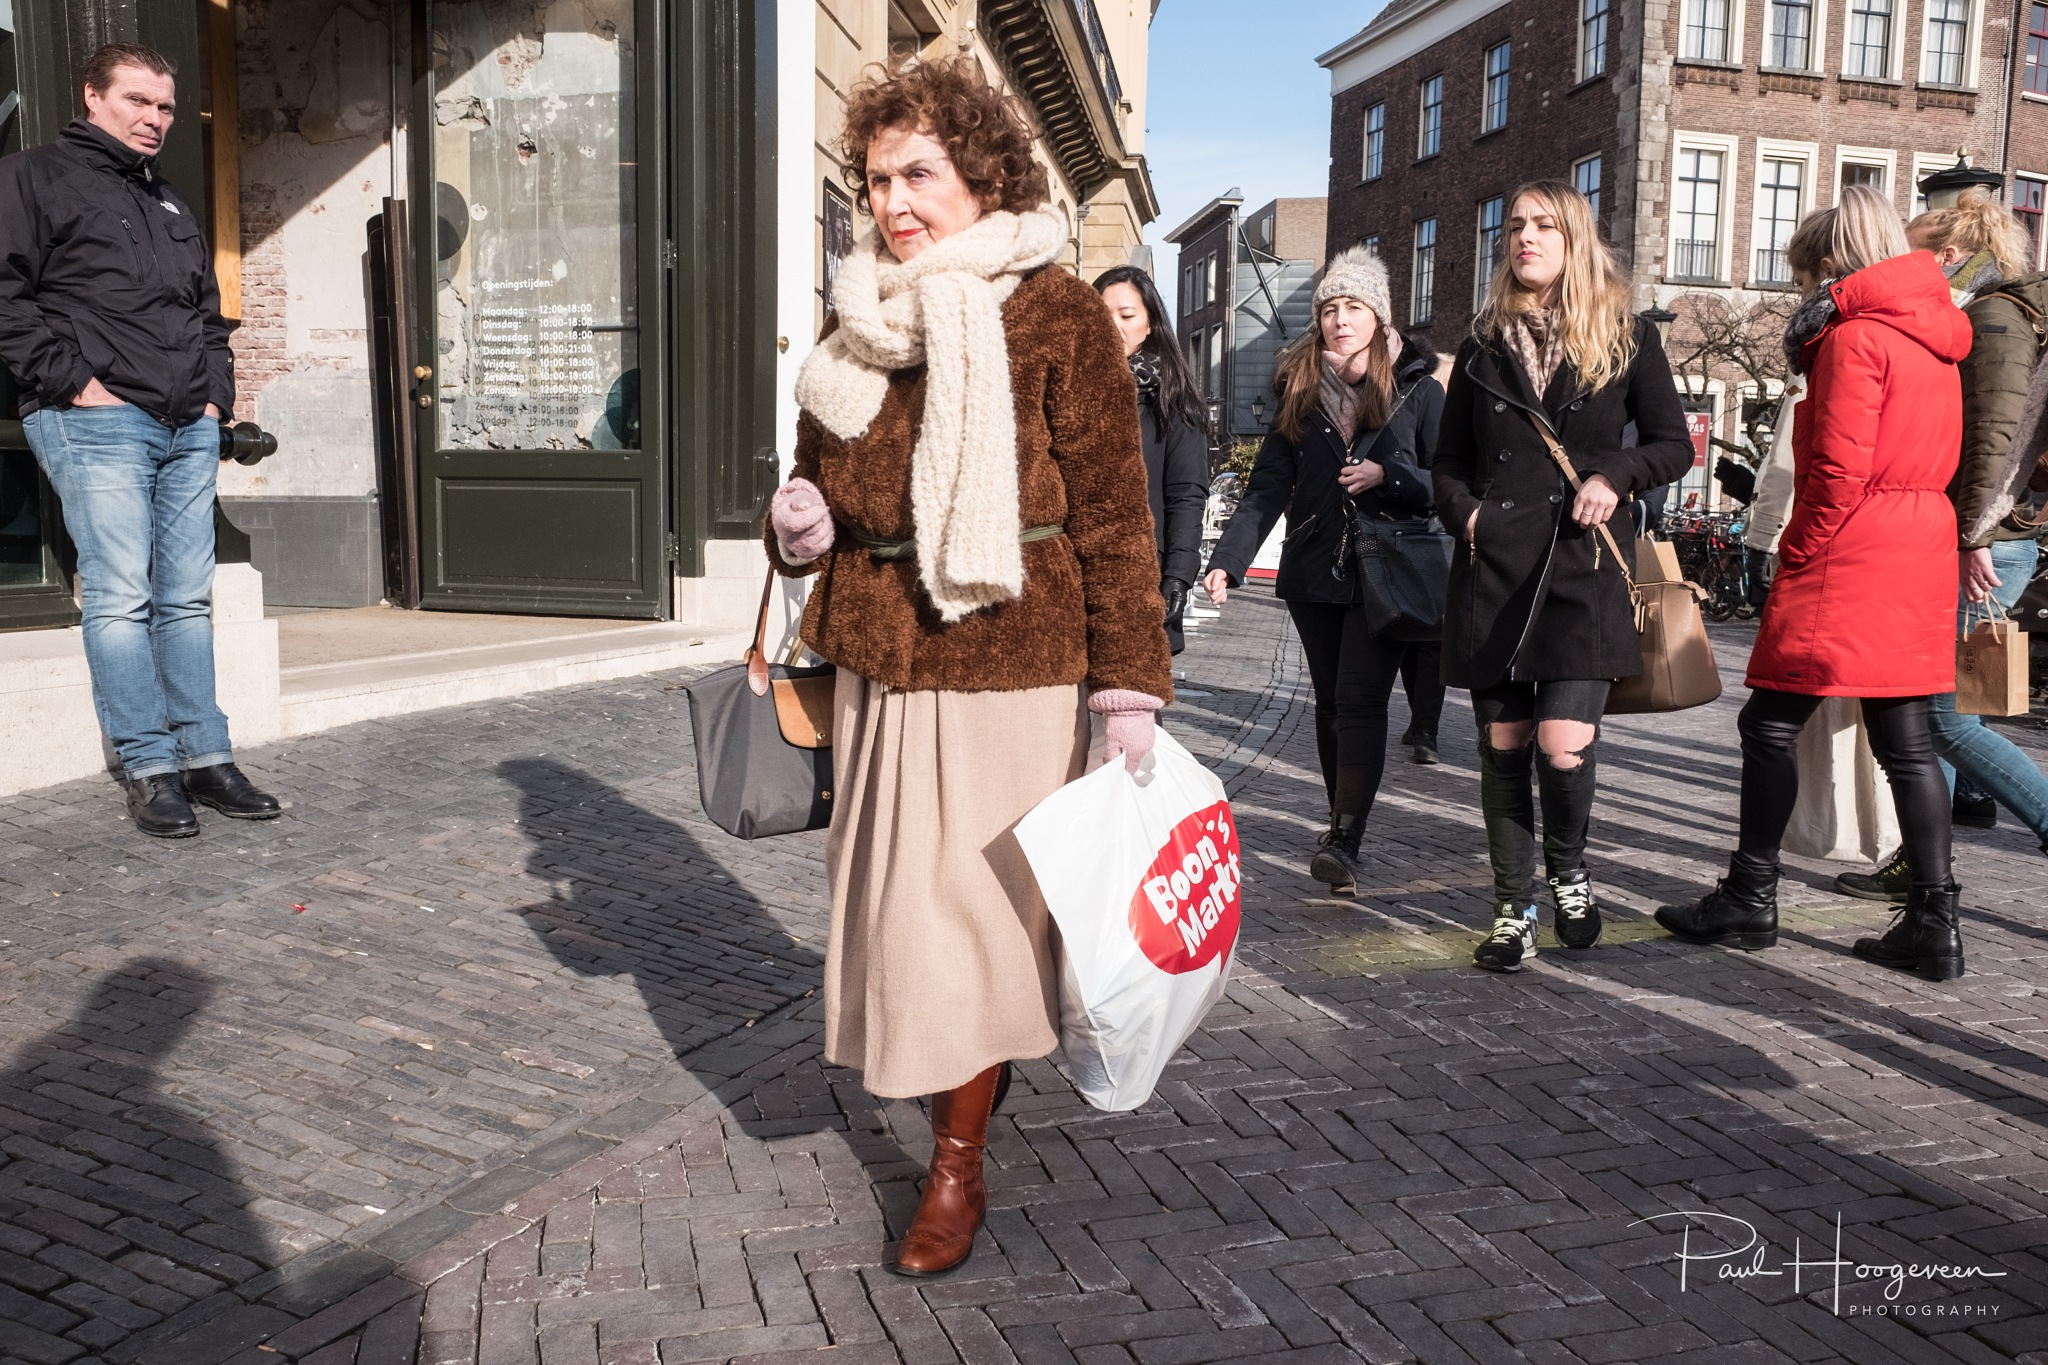 Candid @ Utrecht by Paul Hoogeveen Photography